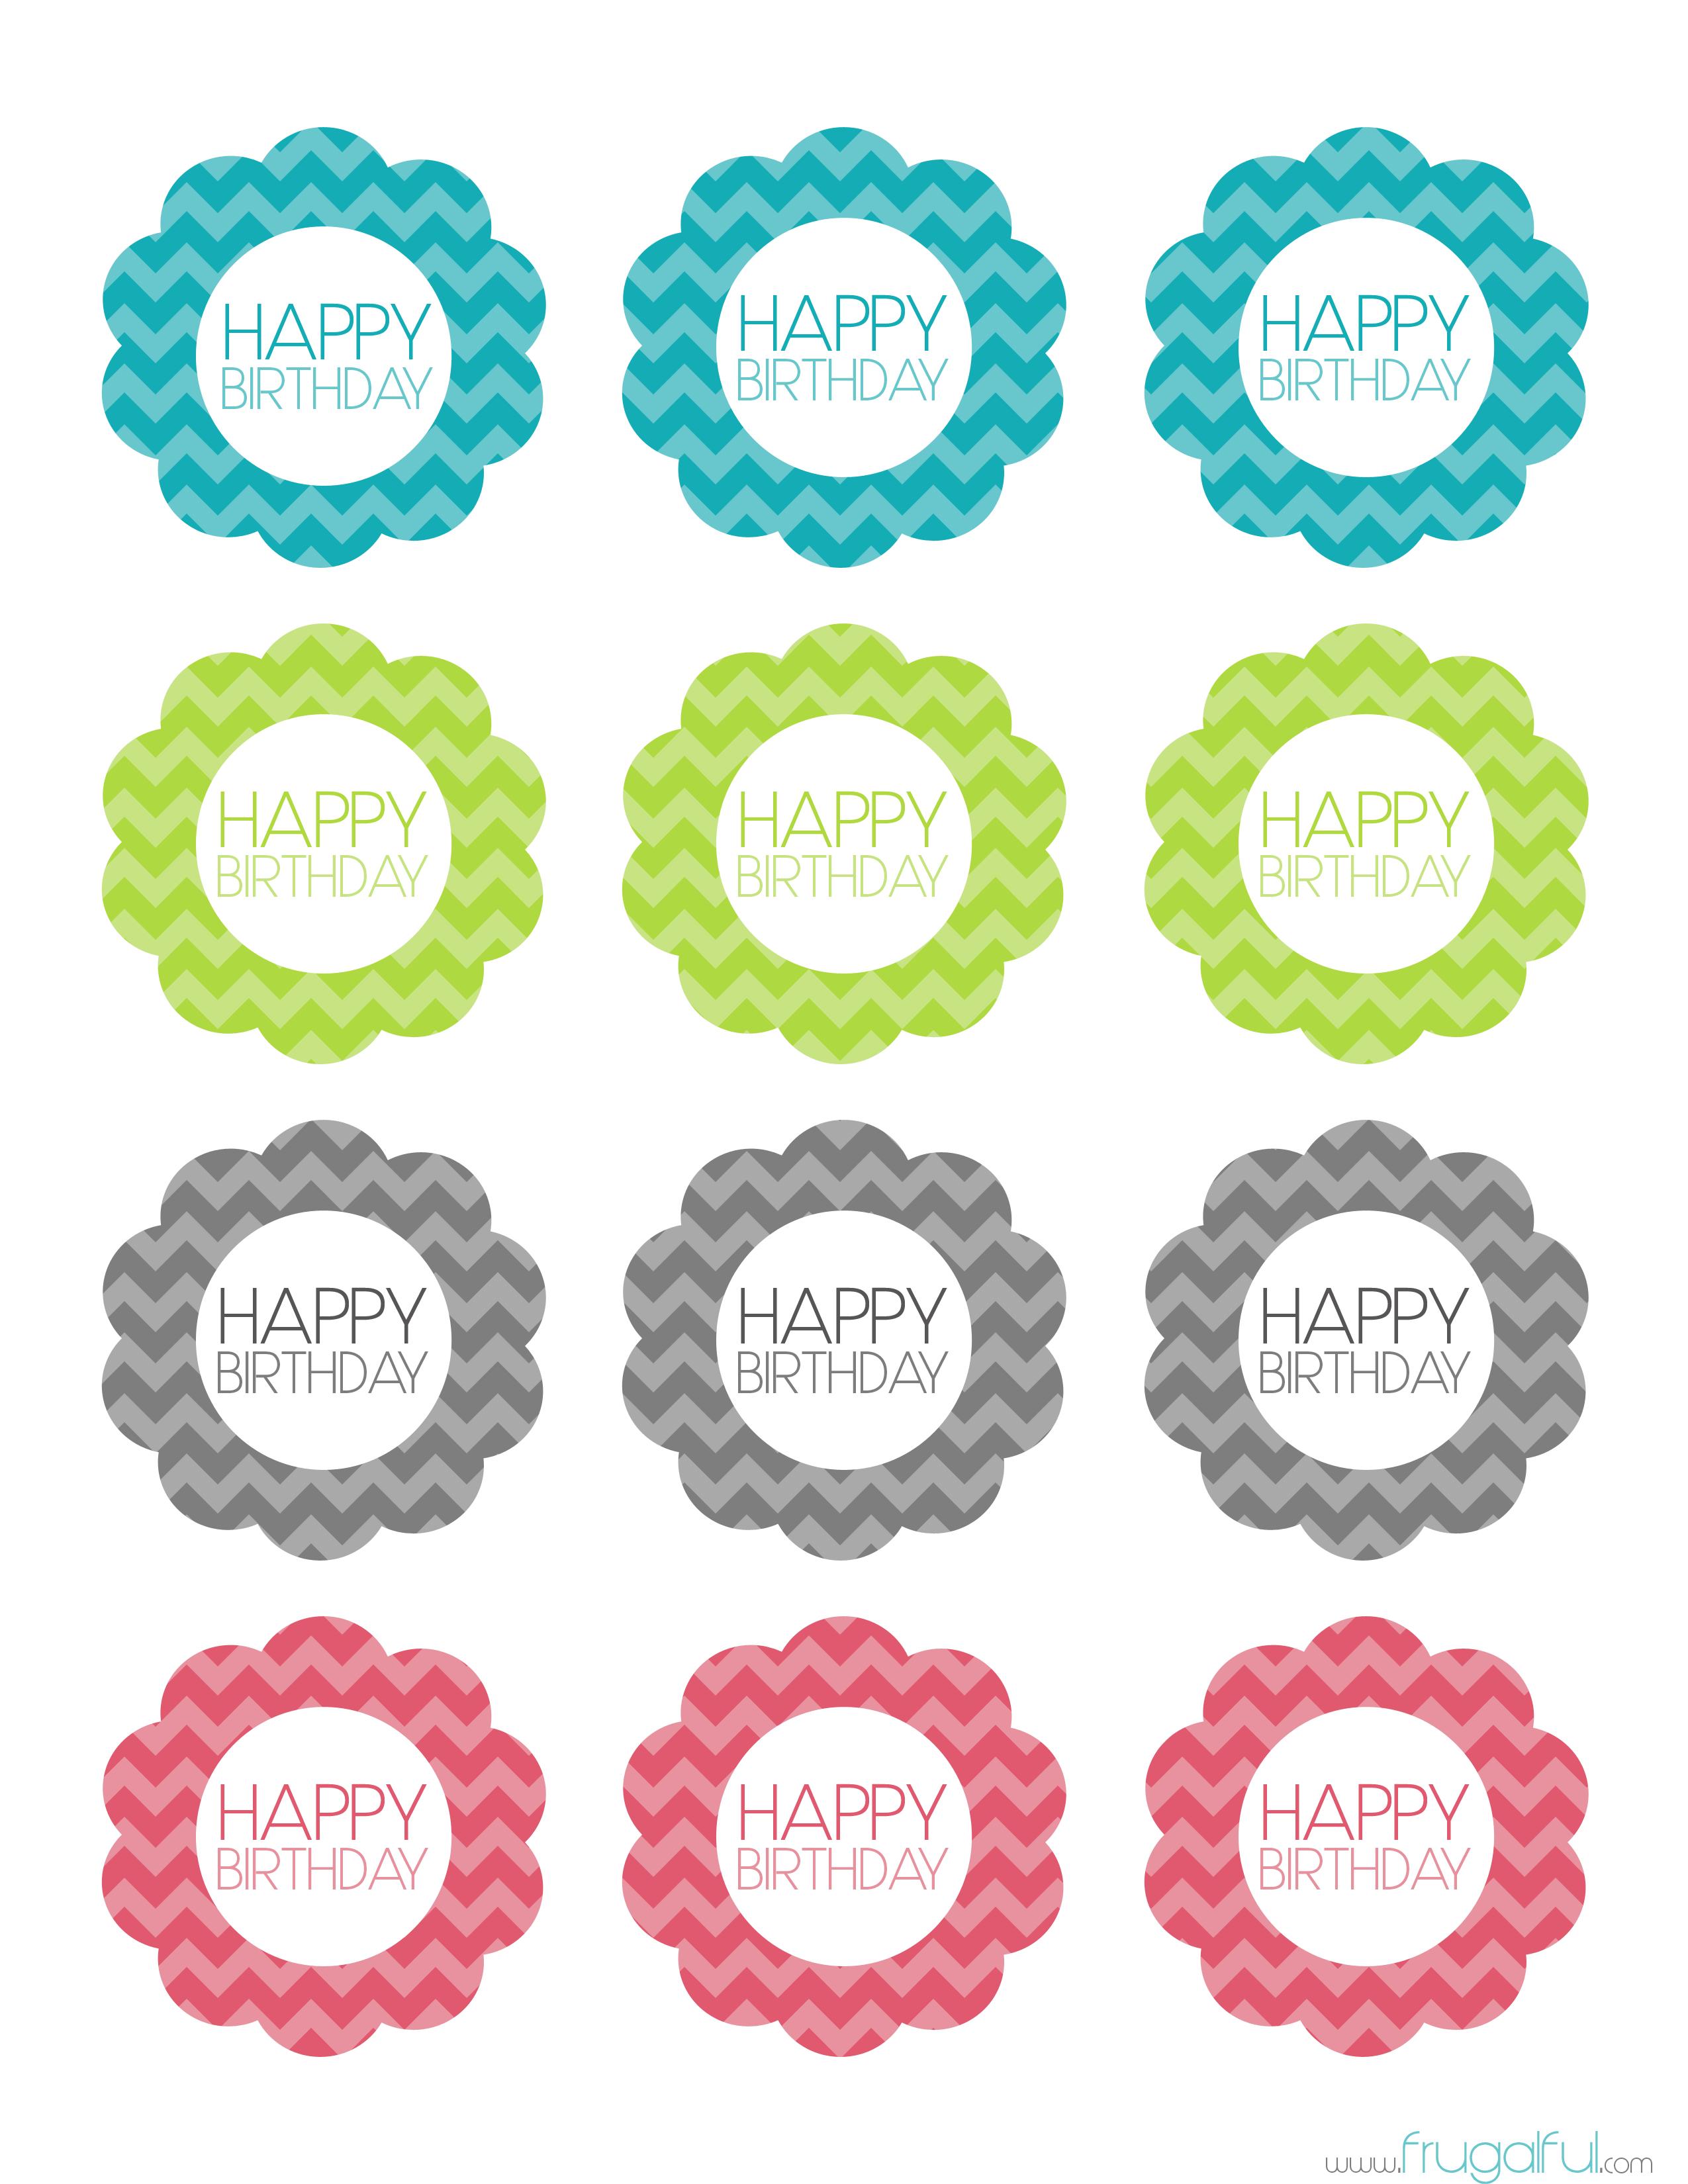 Free Printable Chevron Birthday Cupcake Topper Cakepins - Free Printable Cupcake Toppers